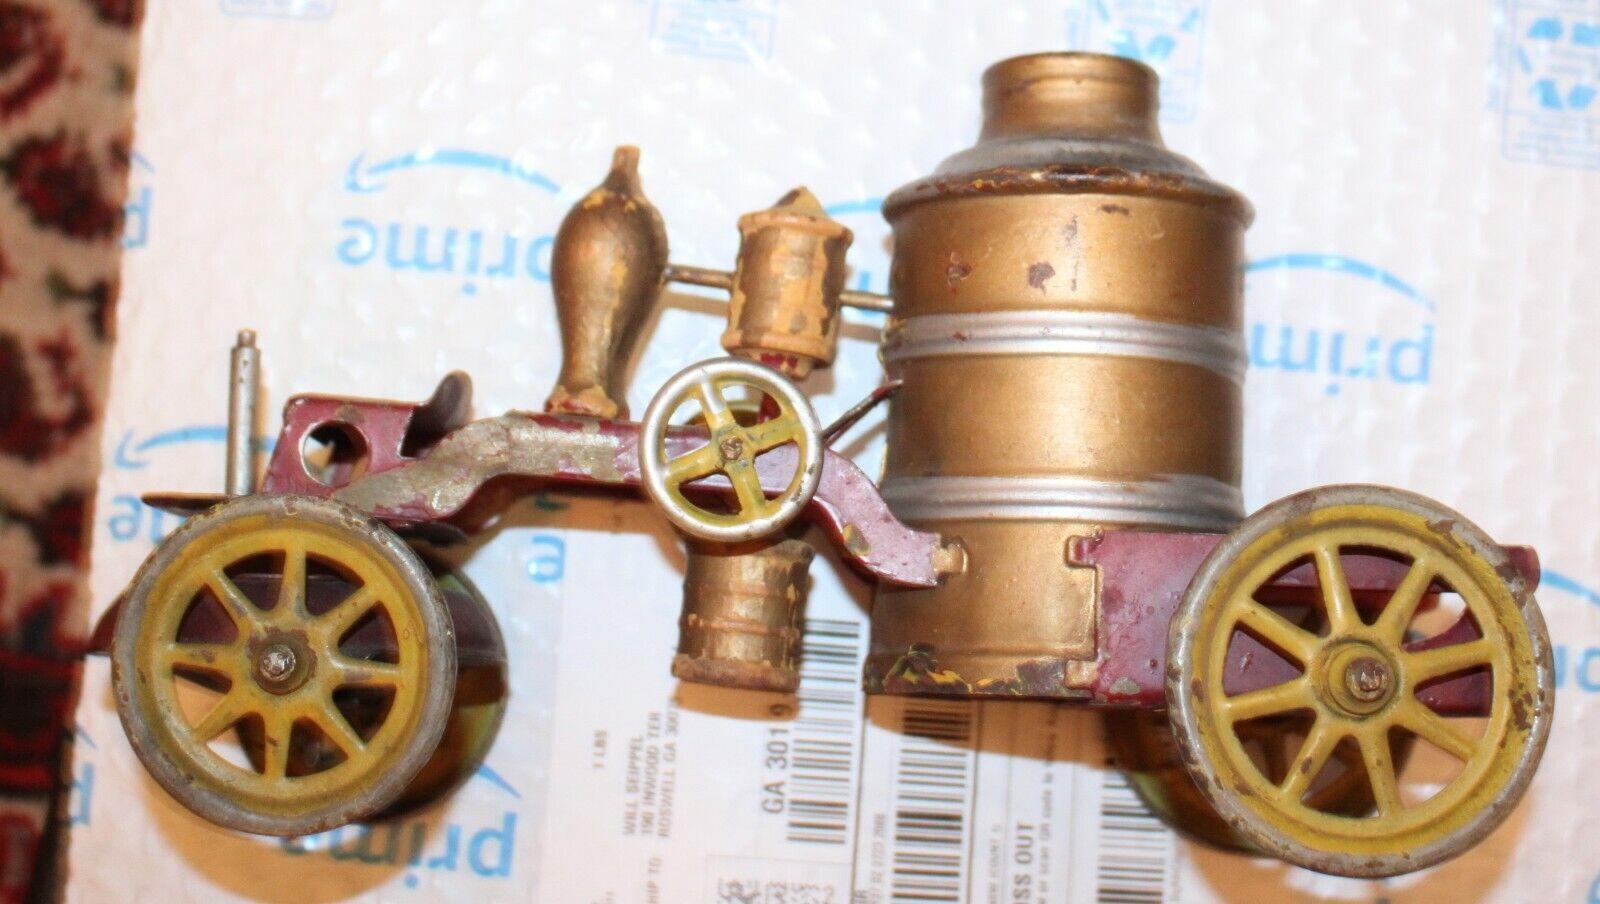 Era de Kingsbury 1899 fuego Autobomba Chapa de acero Juguete Auto Conducción Vagón Wind-up